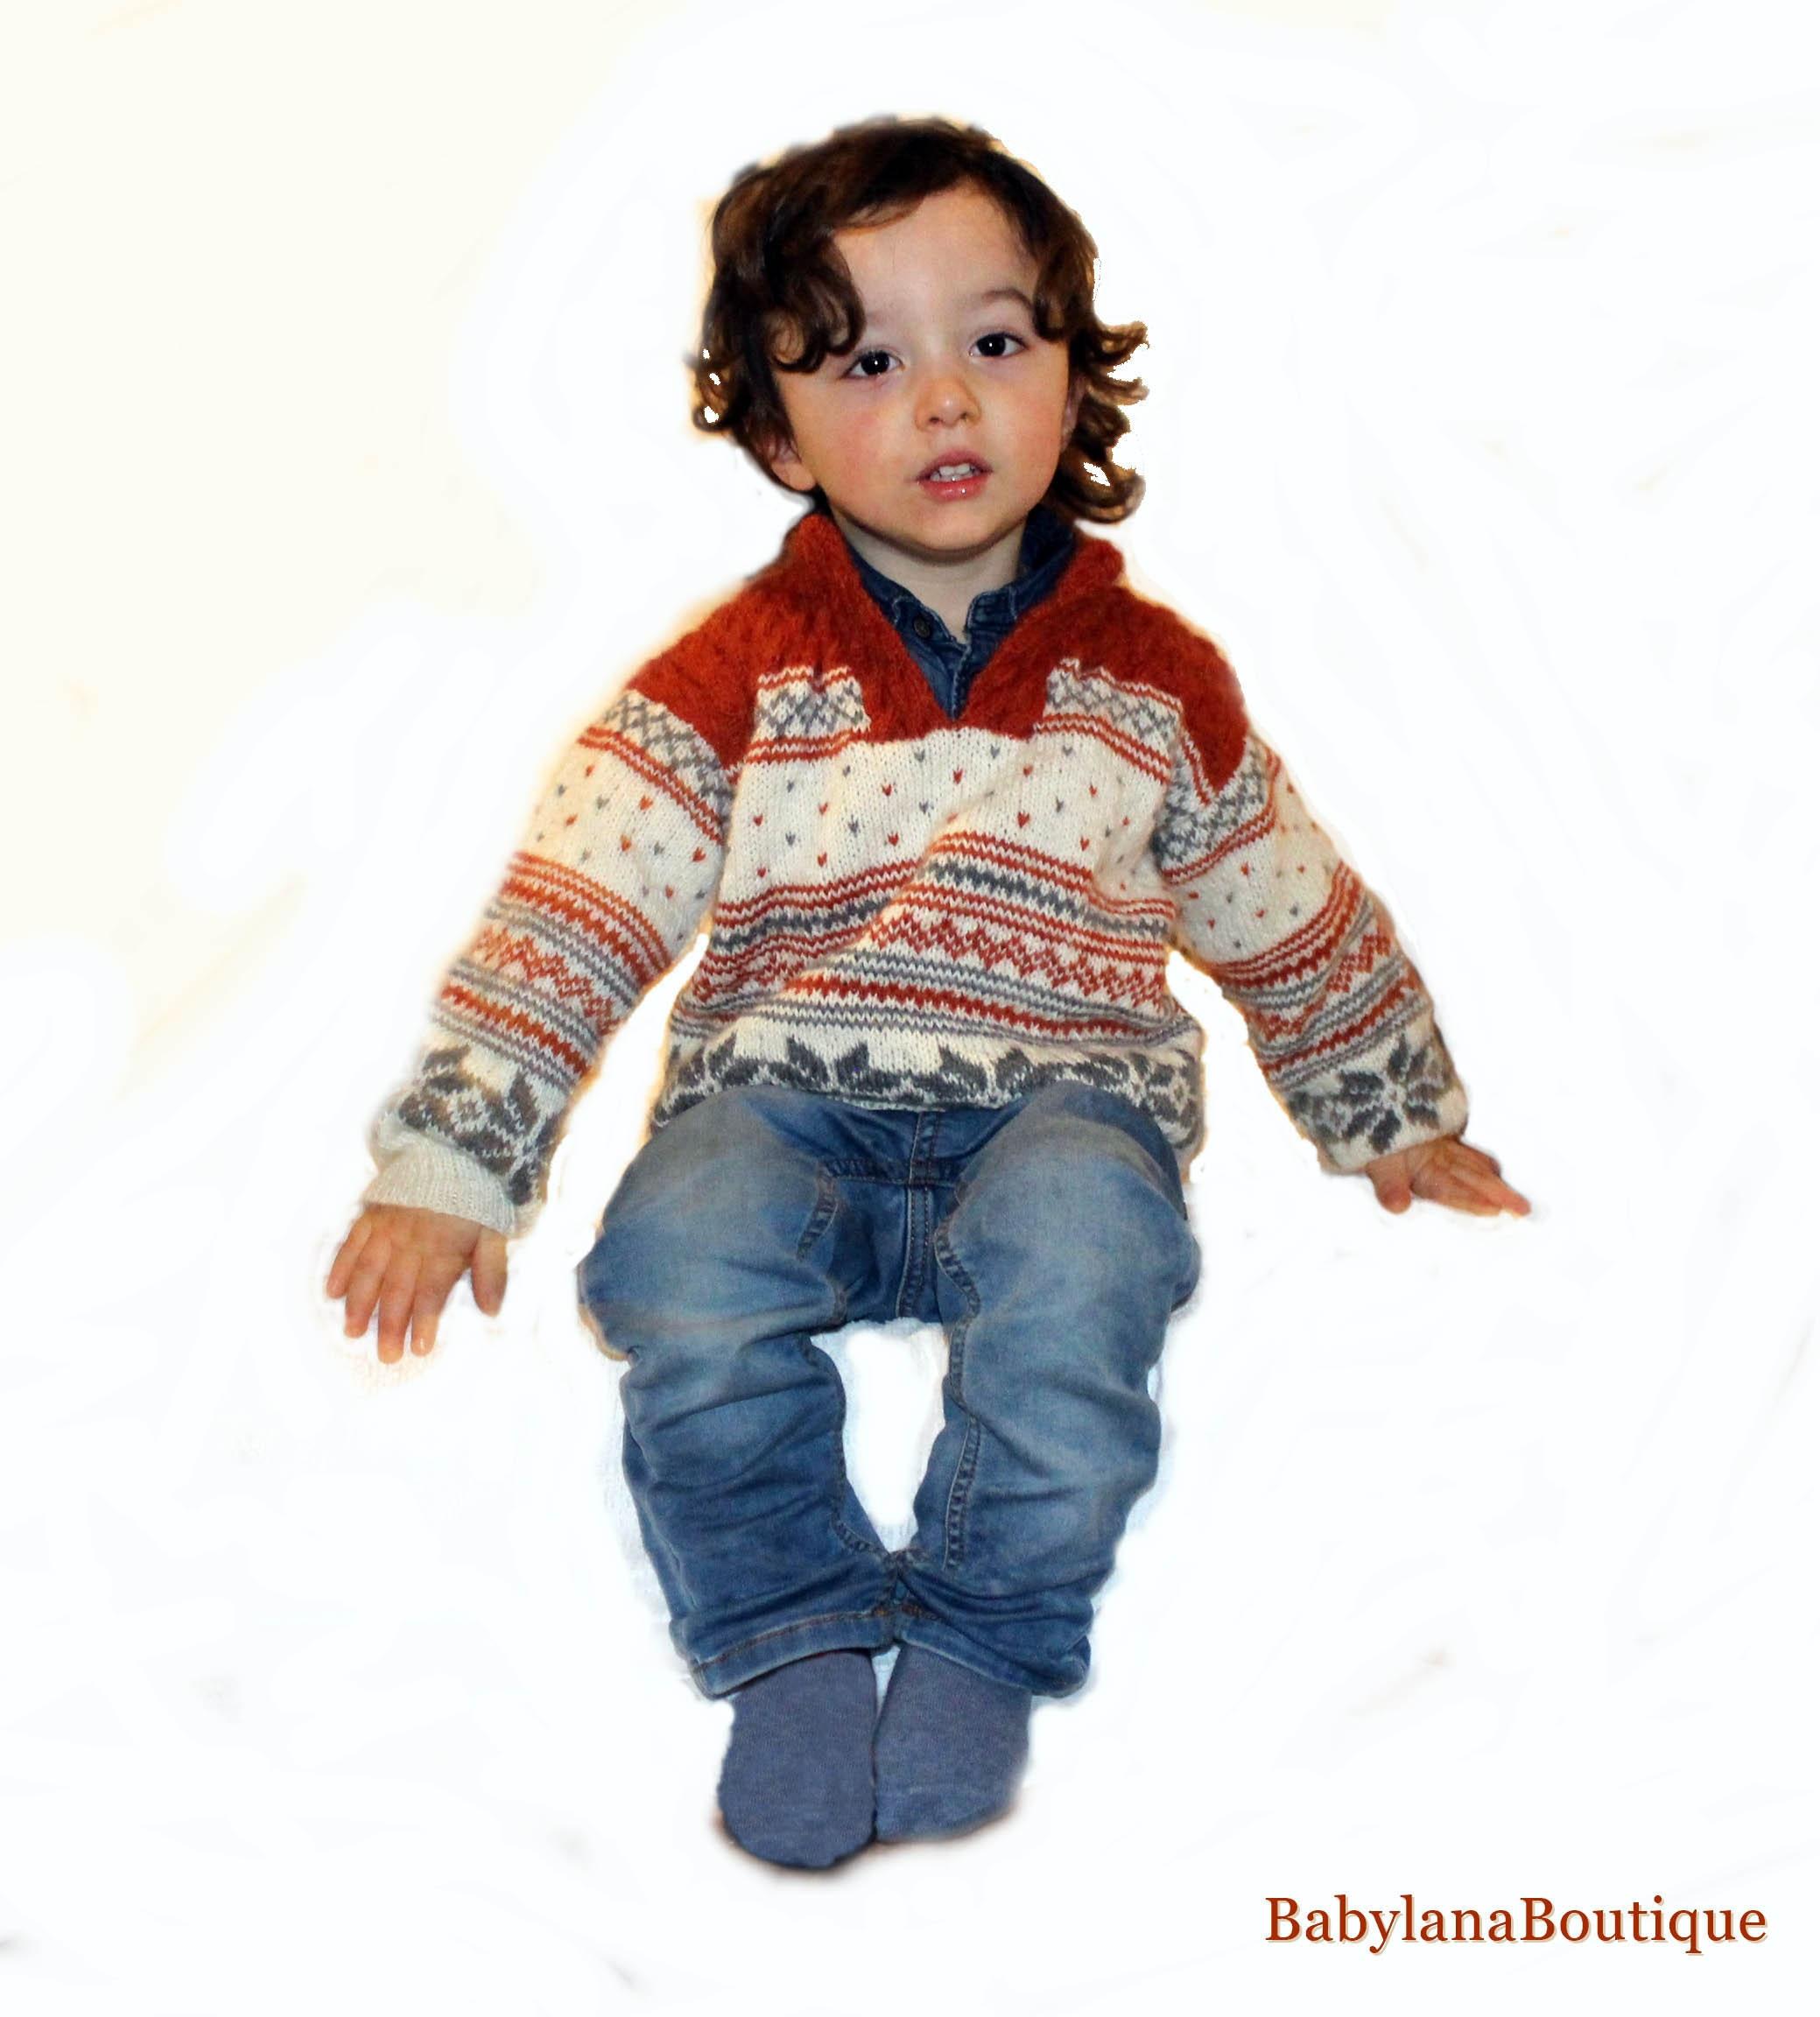 Baby nordic sweater newborn hand knitted Scandinavian alpaca  580fa4128213